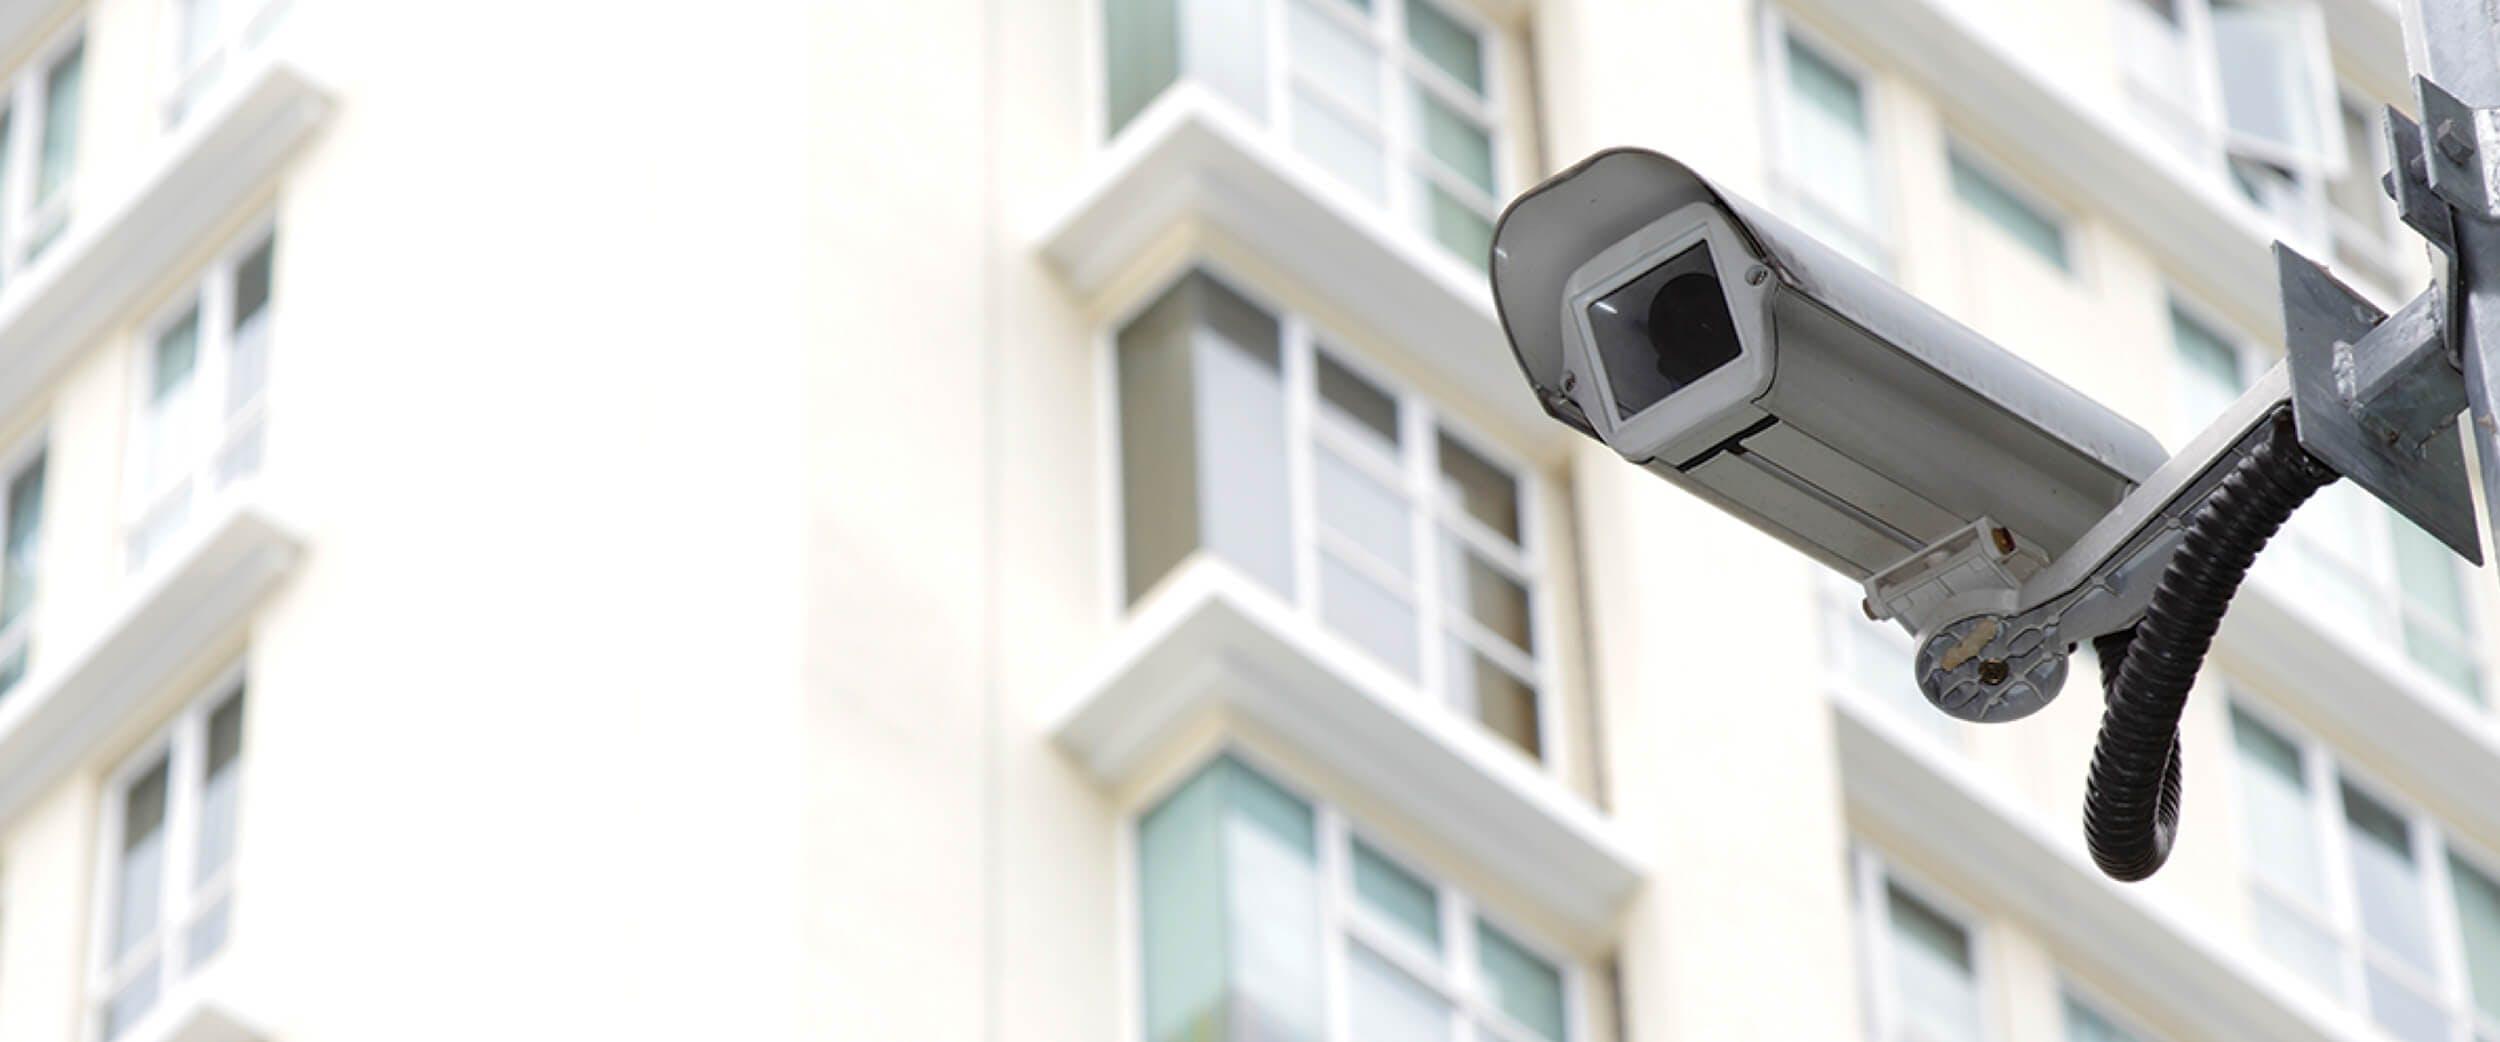 kamerový systém v bytovém domě